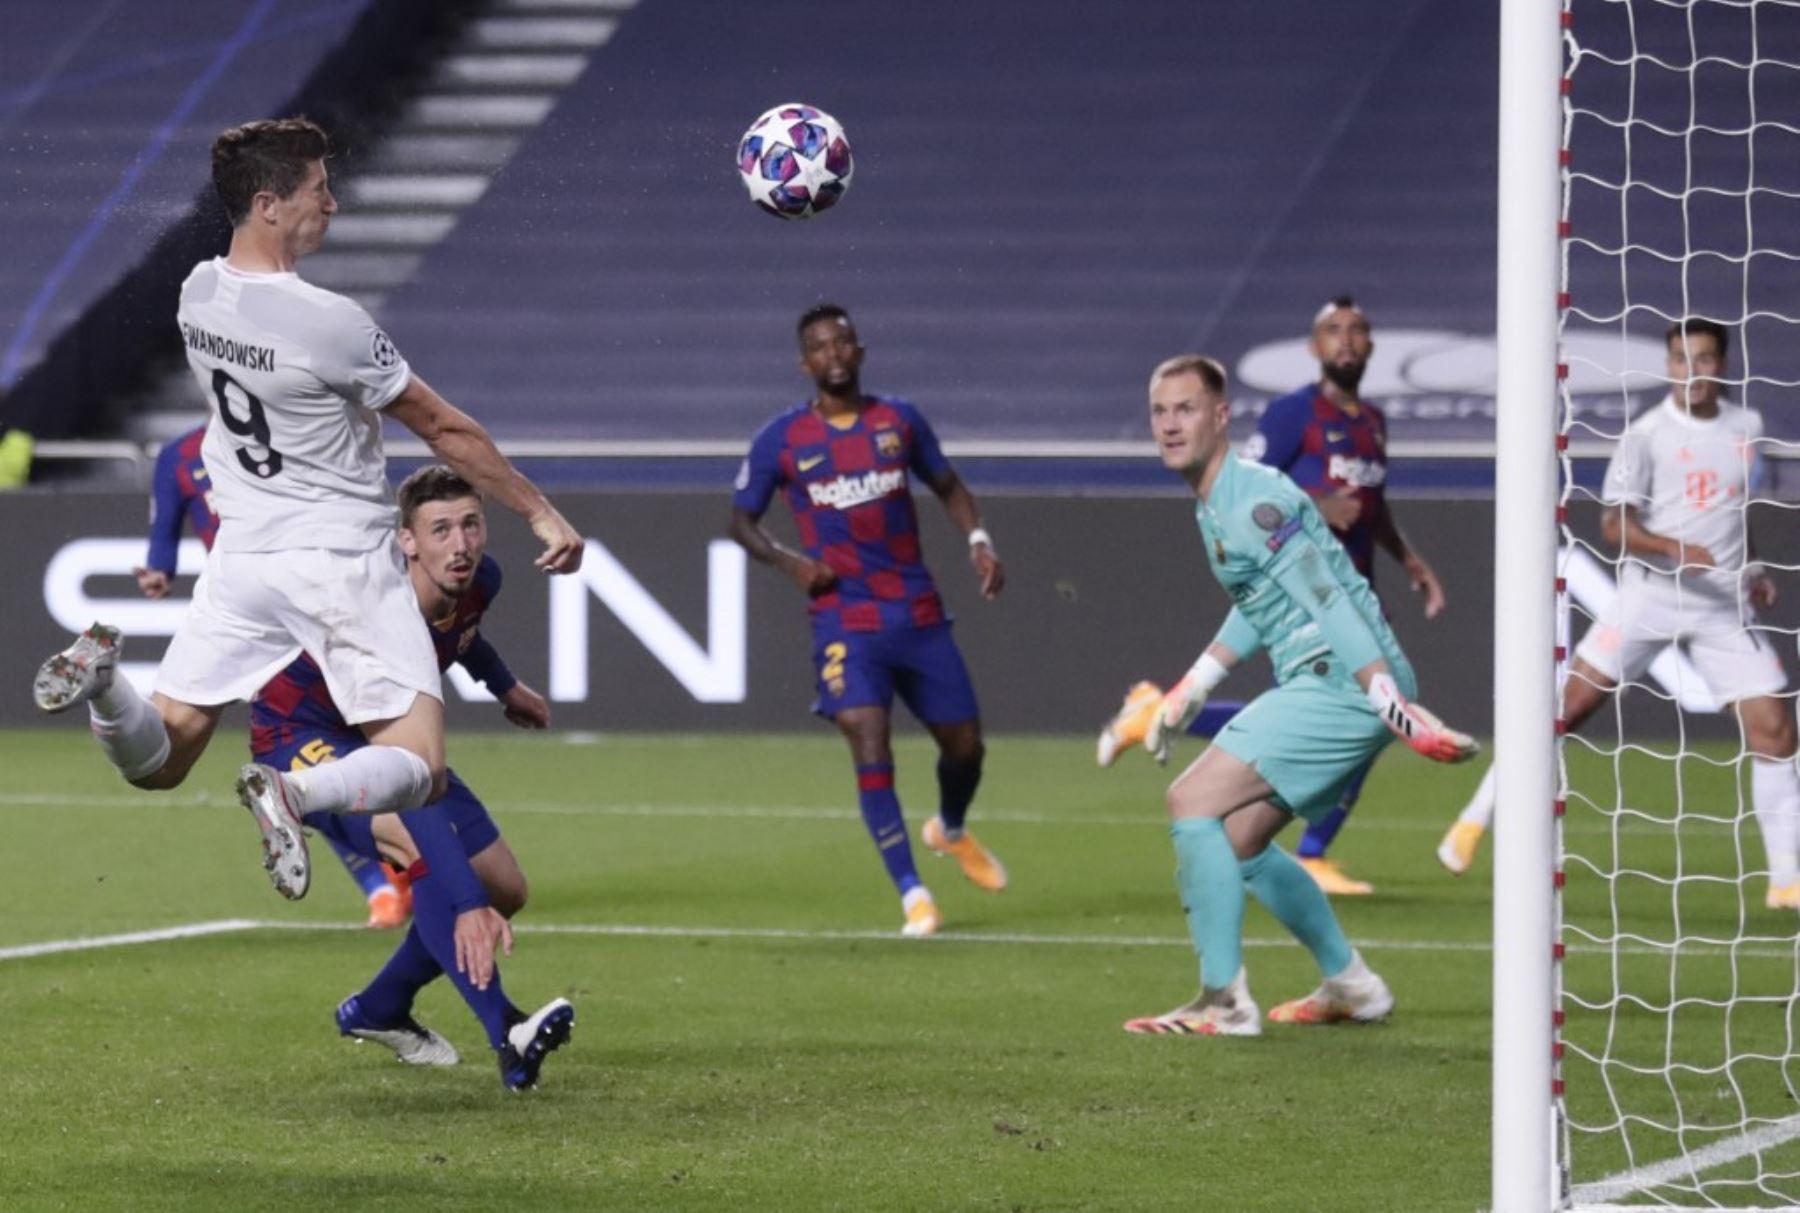 El delantero polaco del Bayern Munich Robert Lewandowski anota un cabezazo durante el partido de fútbol de cuartos de final de la Liga de Campeones de la UEFA entre Barcelona y Bayern Munich en el estadio Luz de Lisboa.Foto:AFP